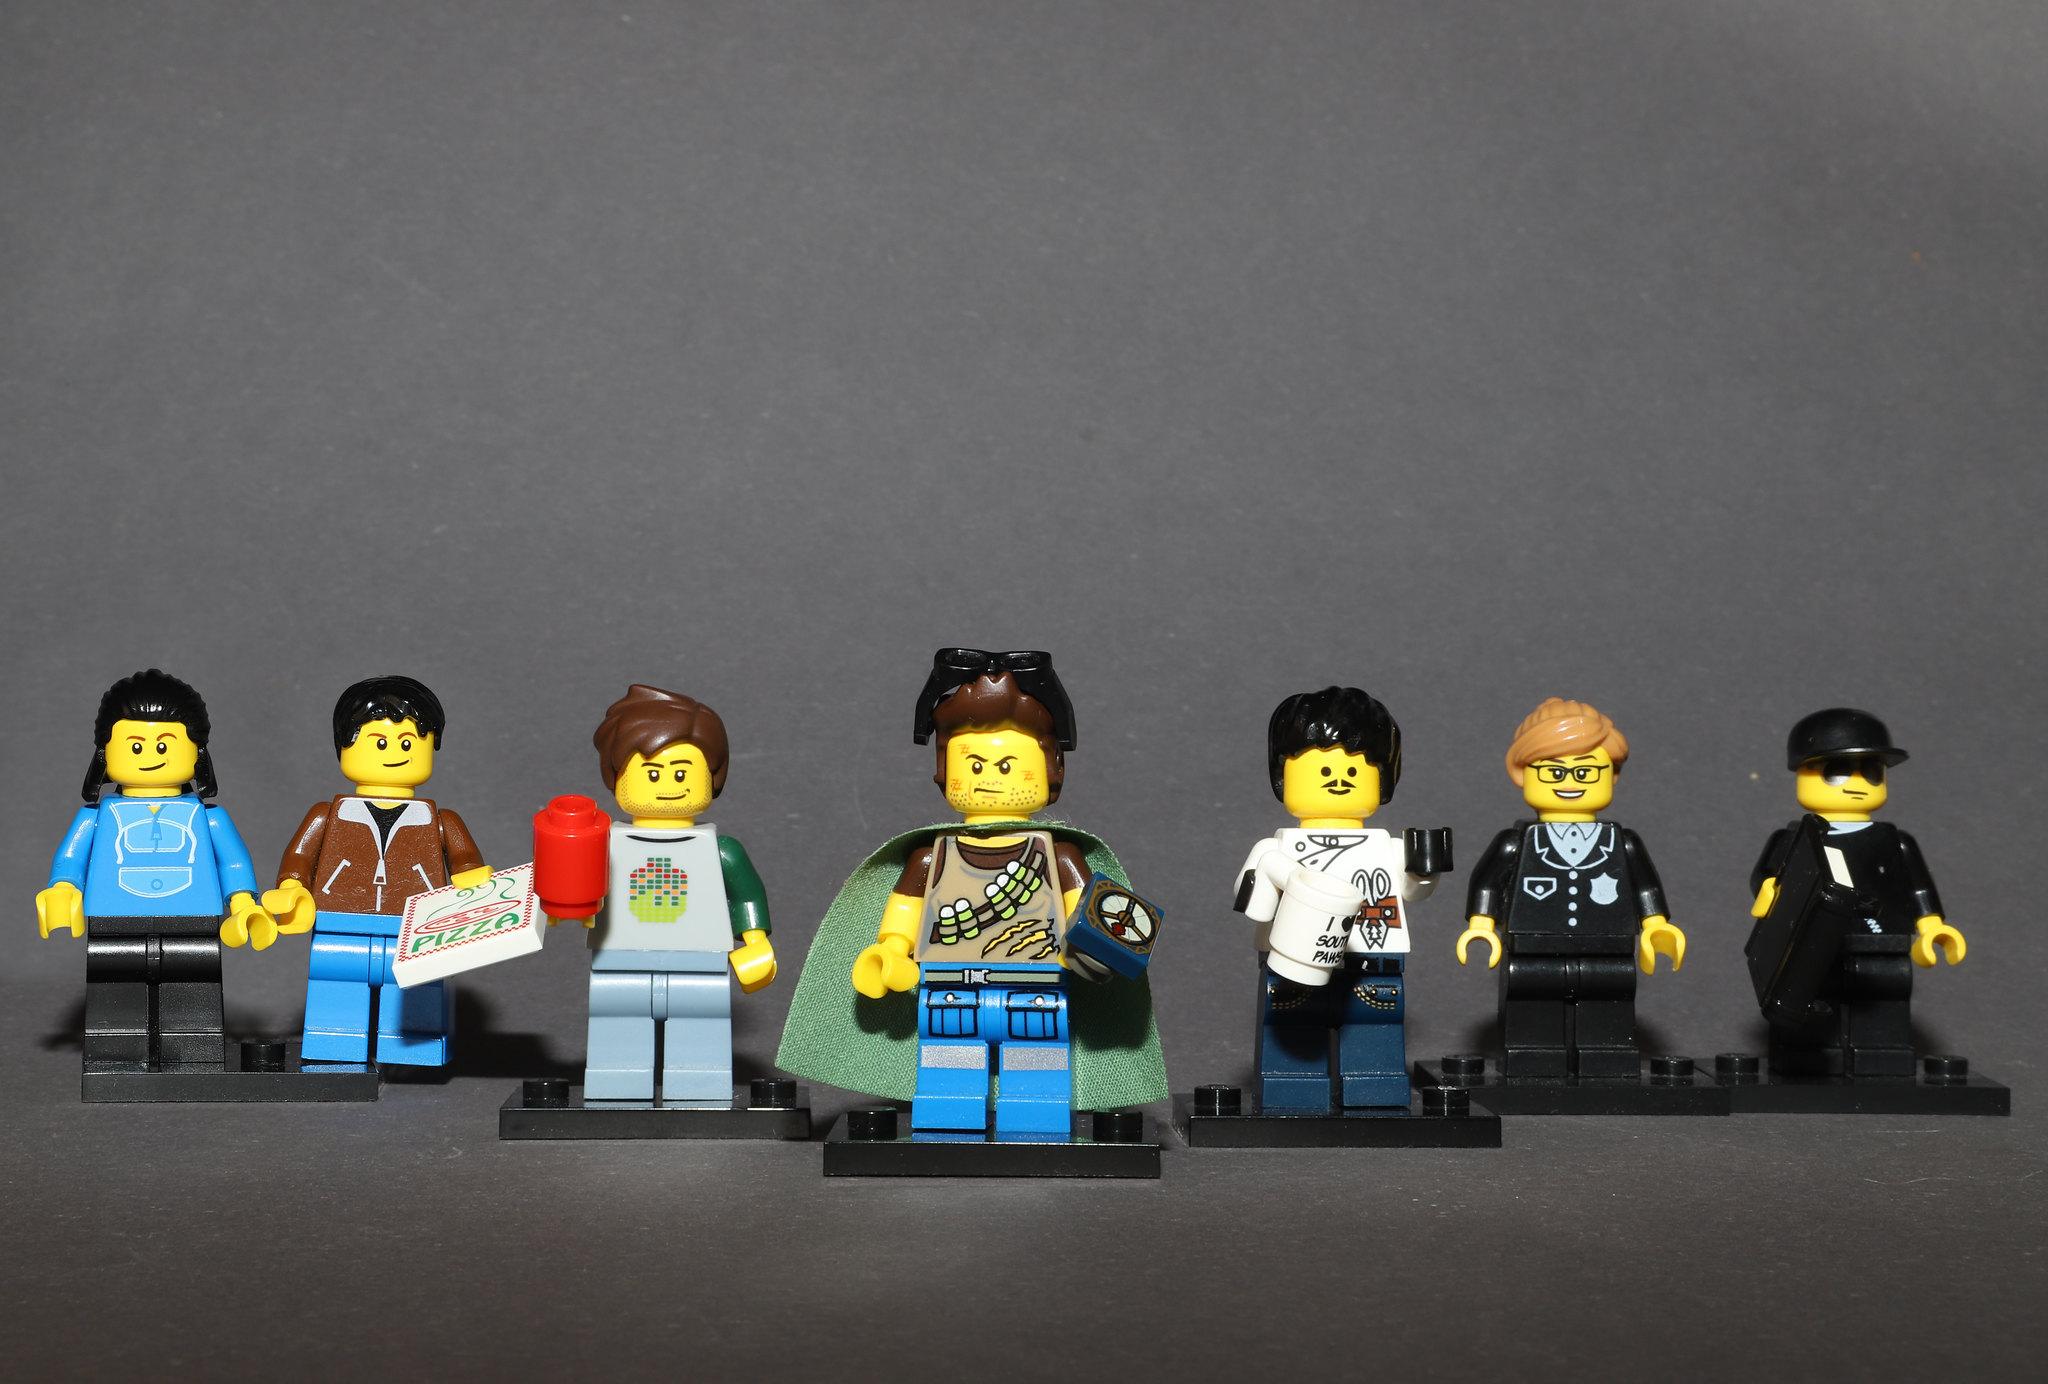 [Photographie + LEGO] Quand le VDF croise l'univers des LEGO 31282620567_d198bc47f4_k